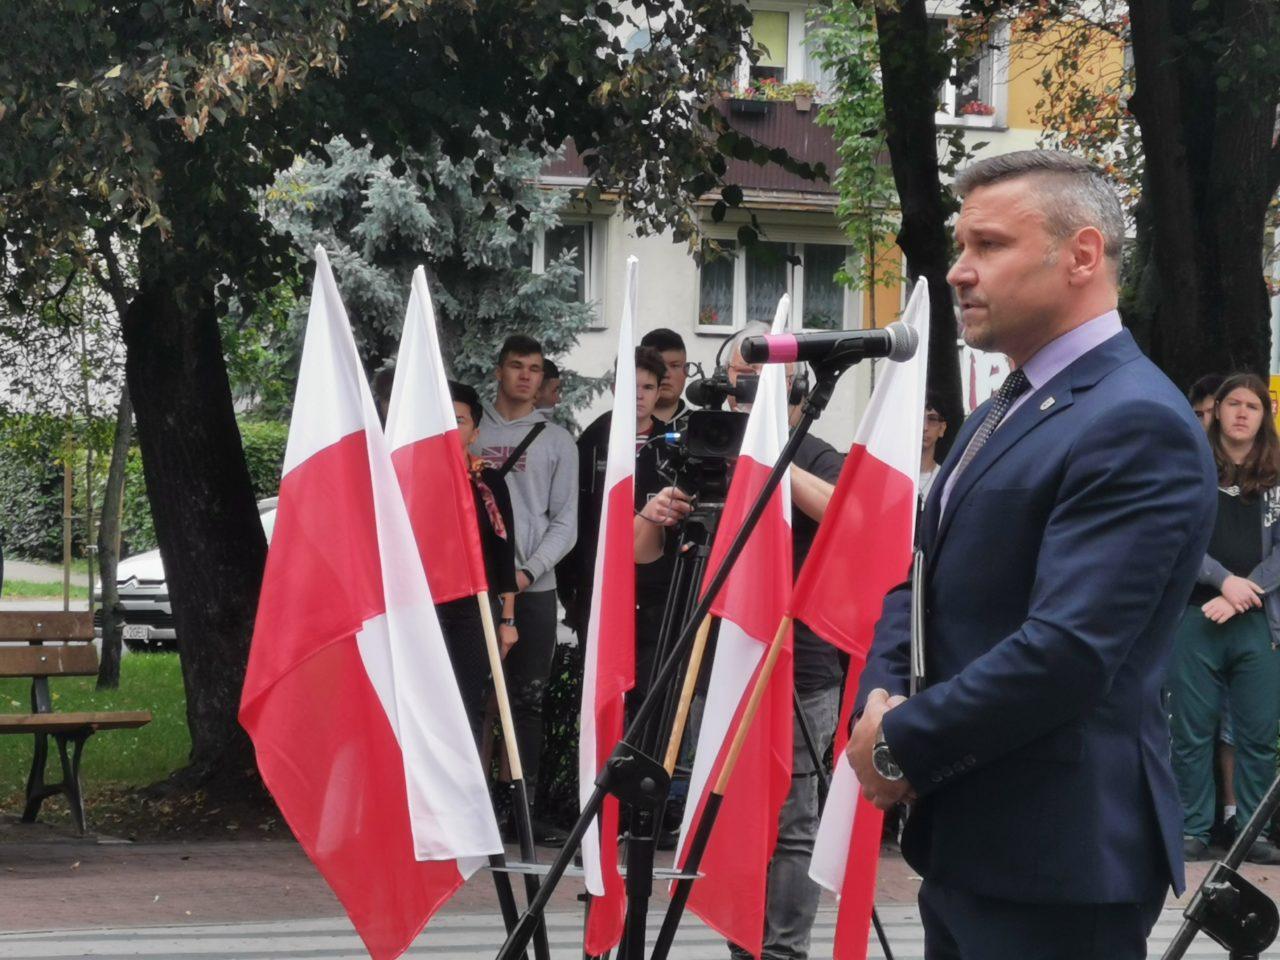 W Światowy Dzień Sybiraka oddaliśmy hołd ofiarom napaści Sowietów na Polskę